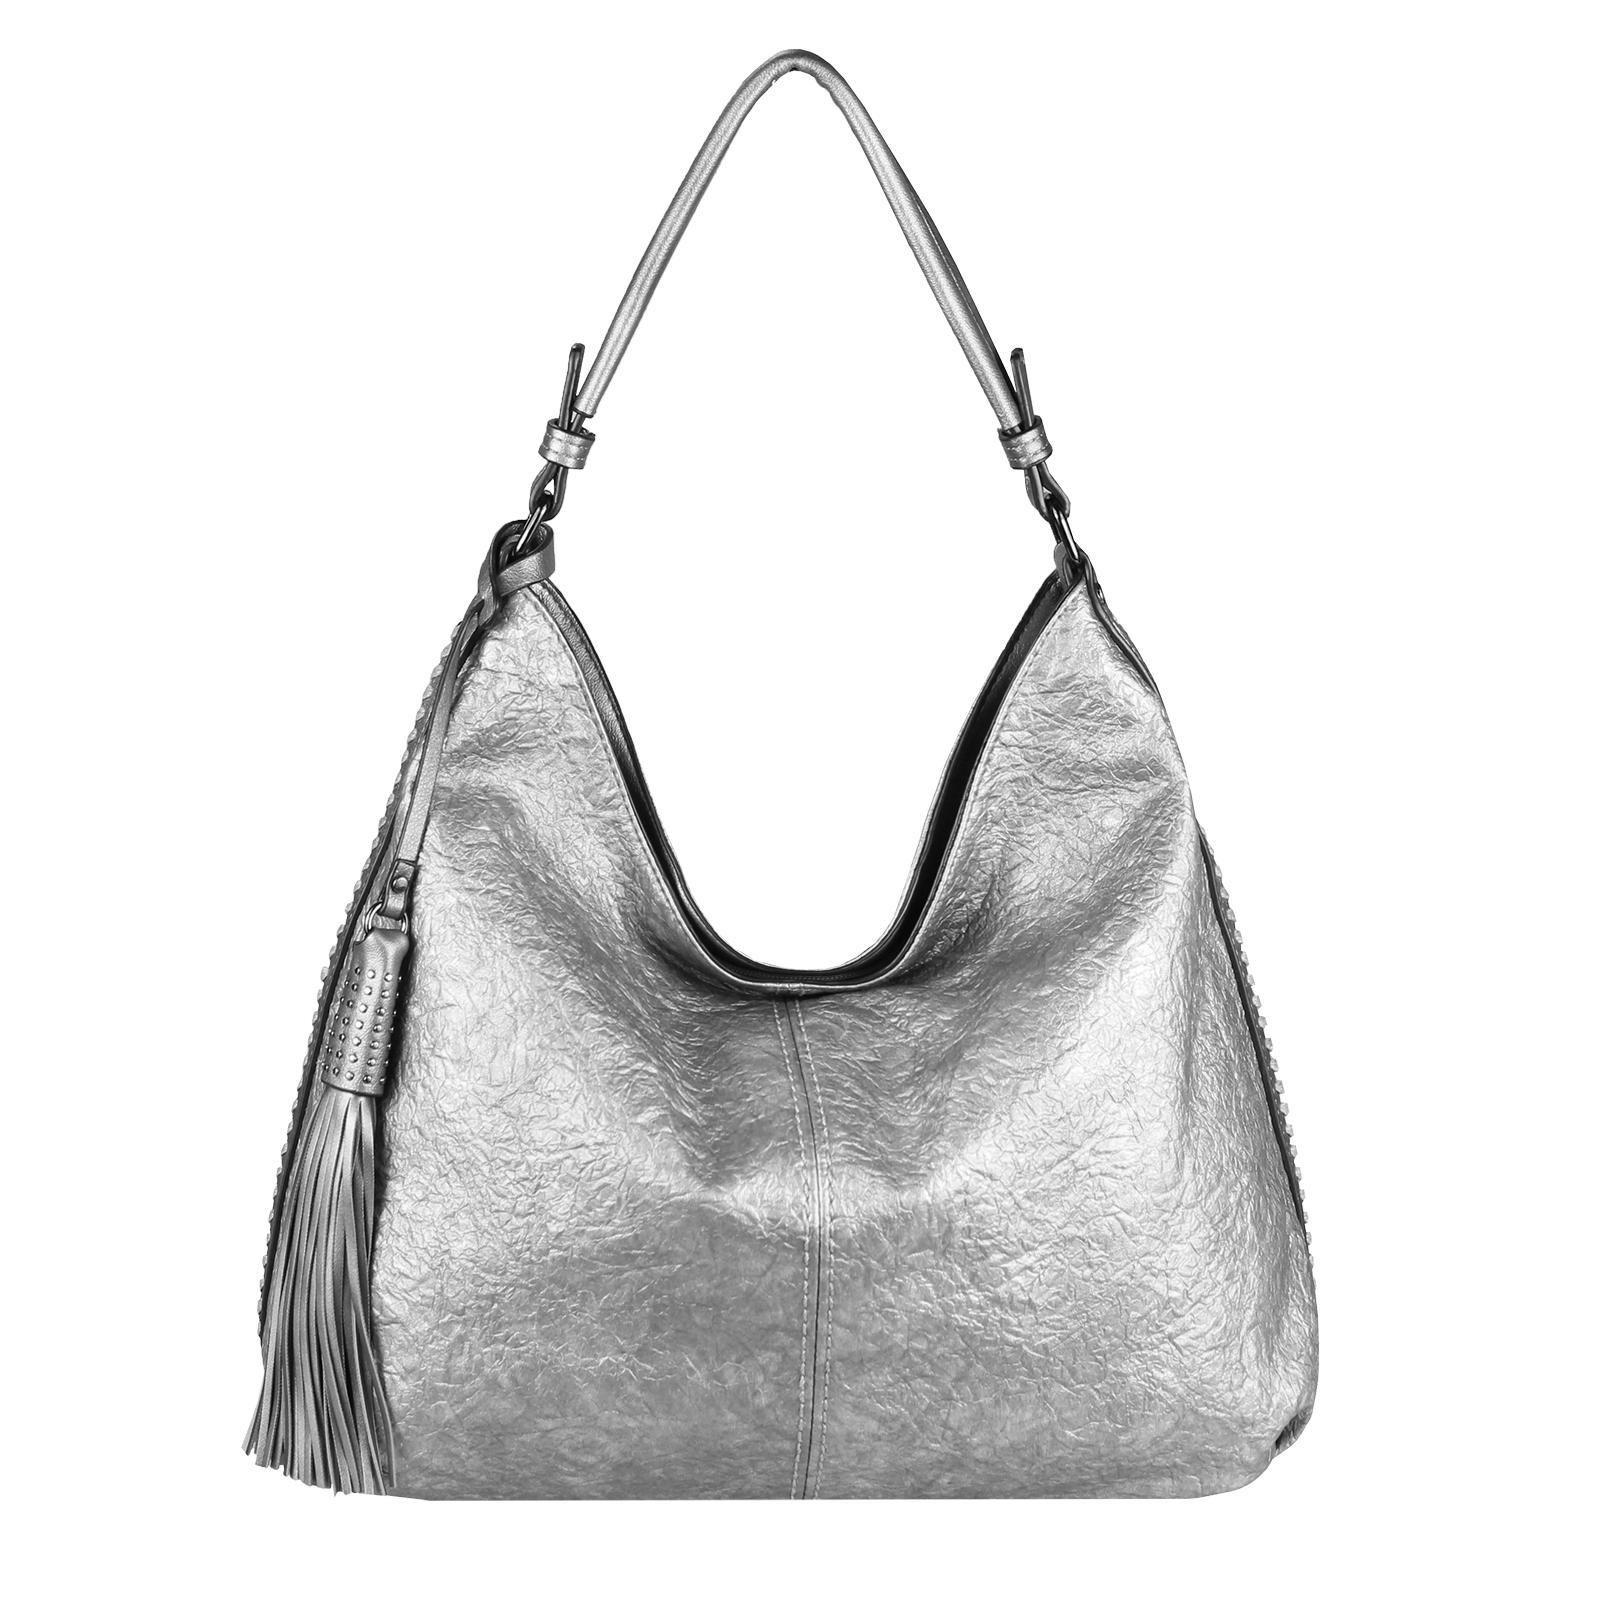 Damen Leder Handtasche Schultertasche Shopper Italy gelb silber metallic DIN-A4